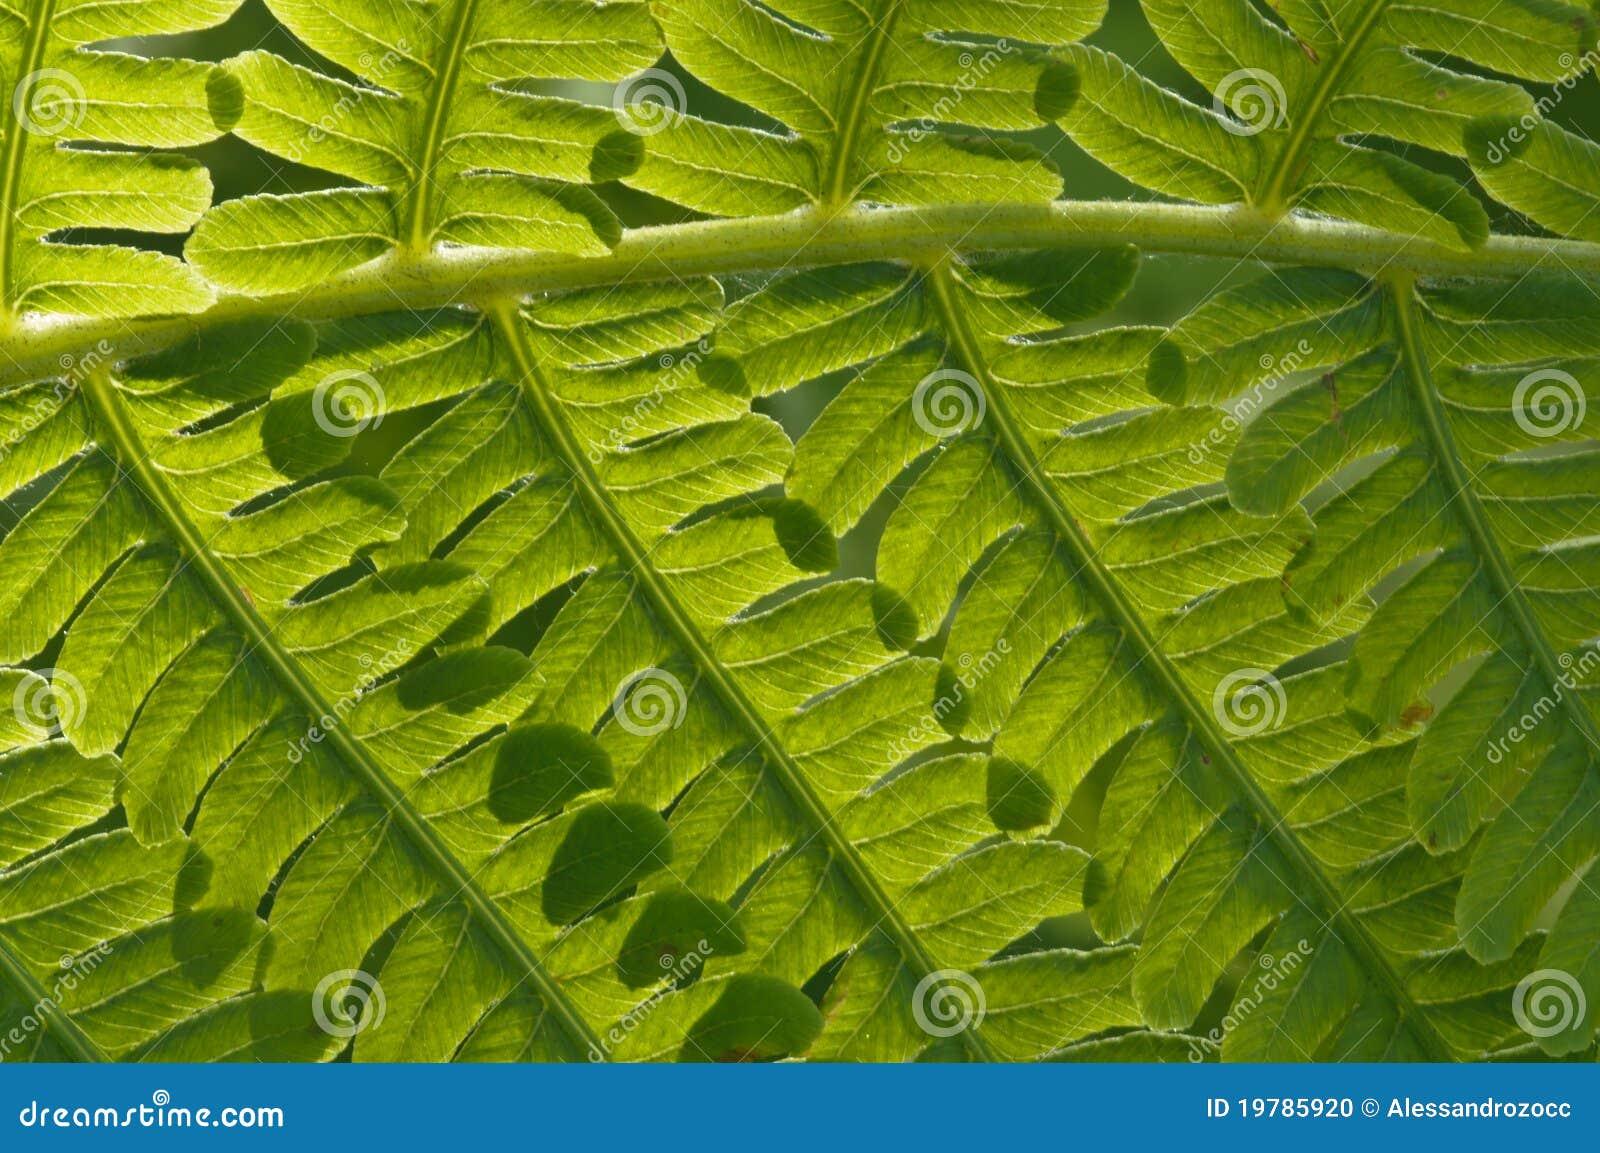 Gröna gruppleaves för fern